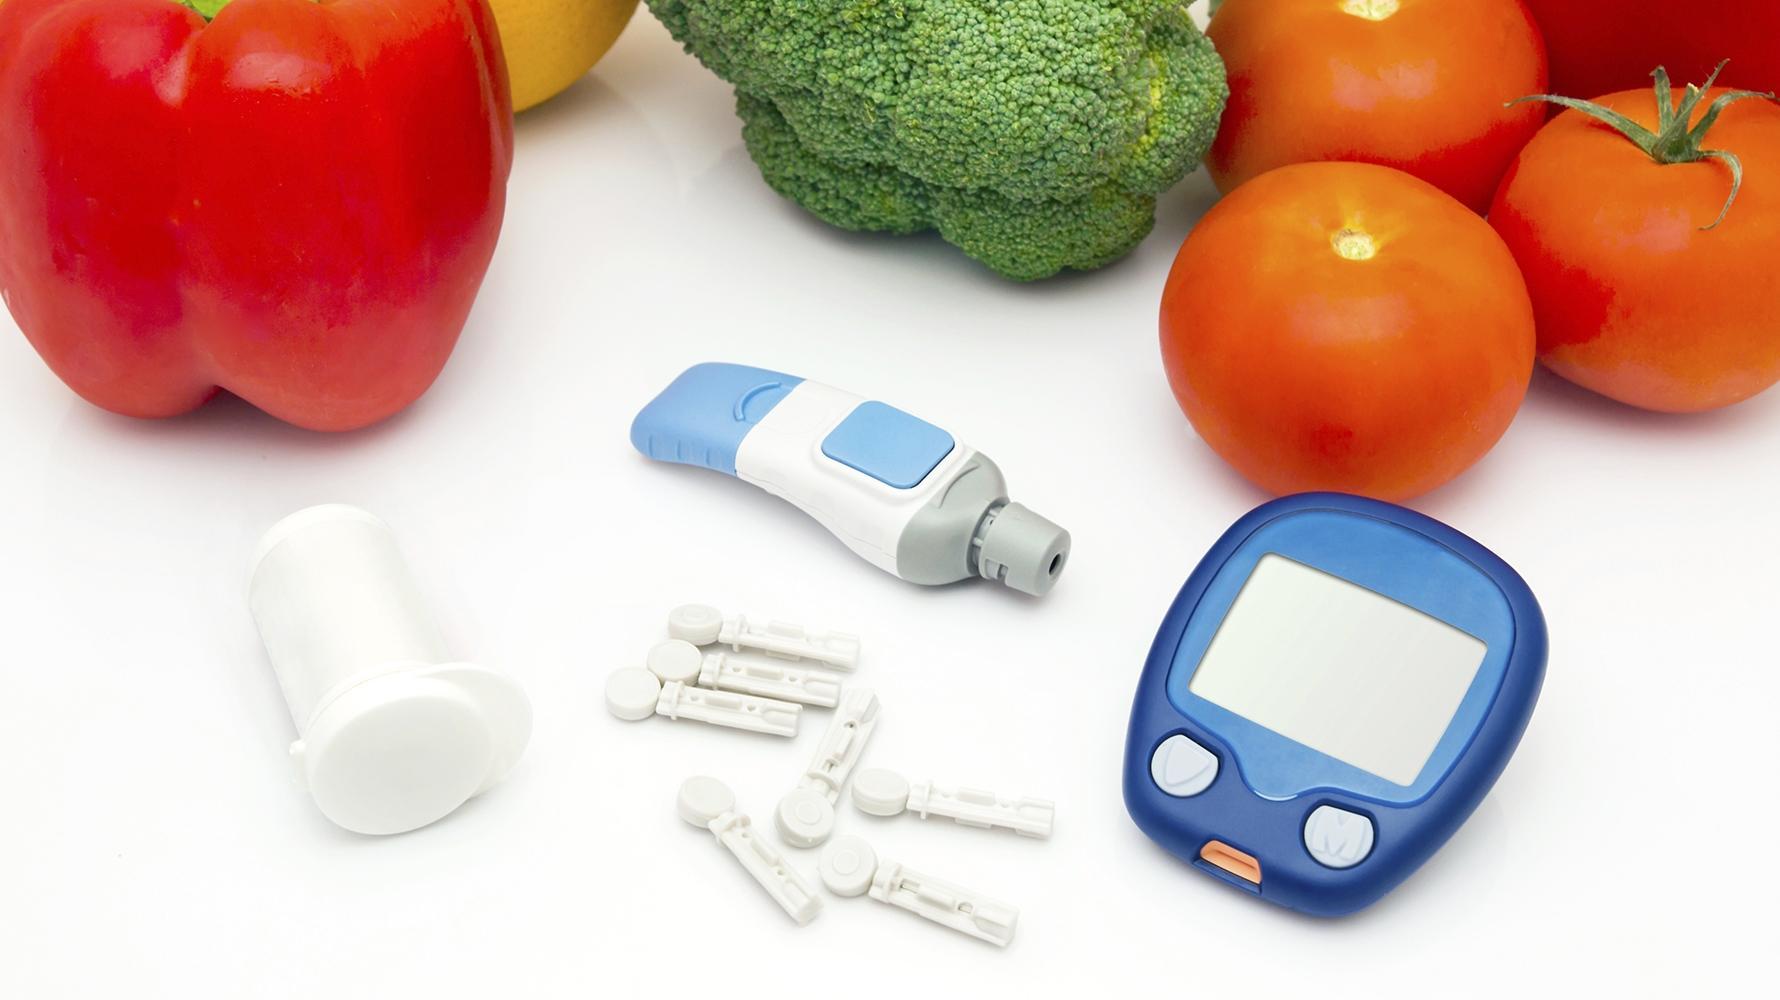 Отказ от завтрака увеличивает риск развития сахарного диабета